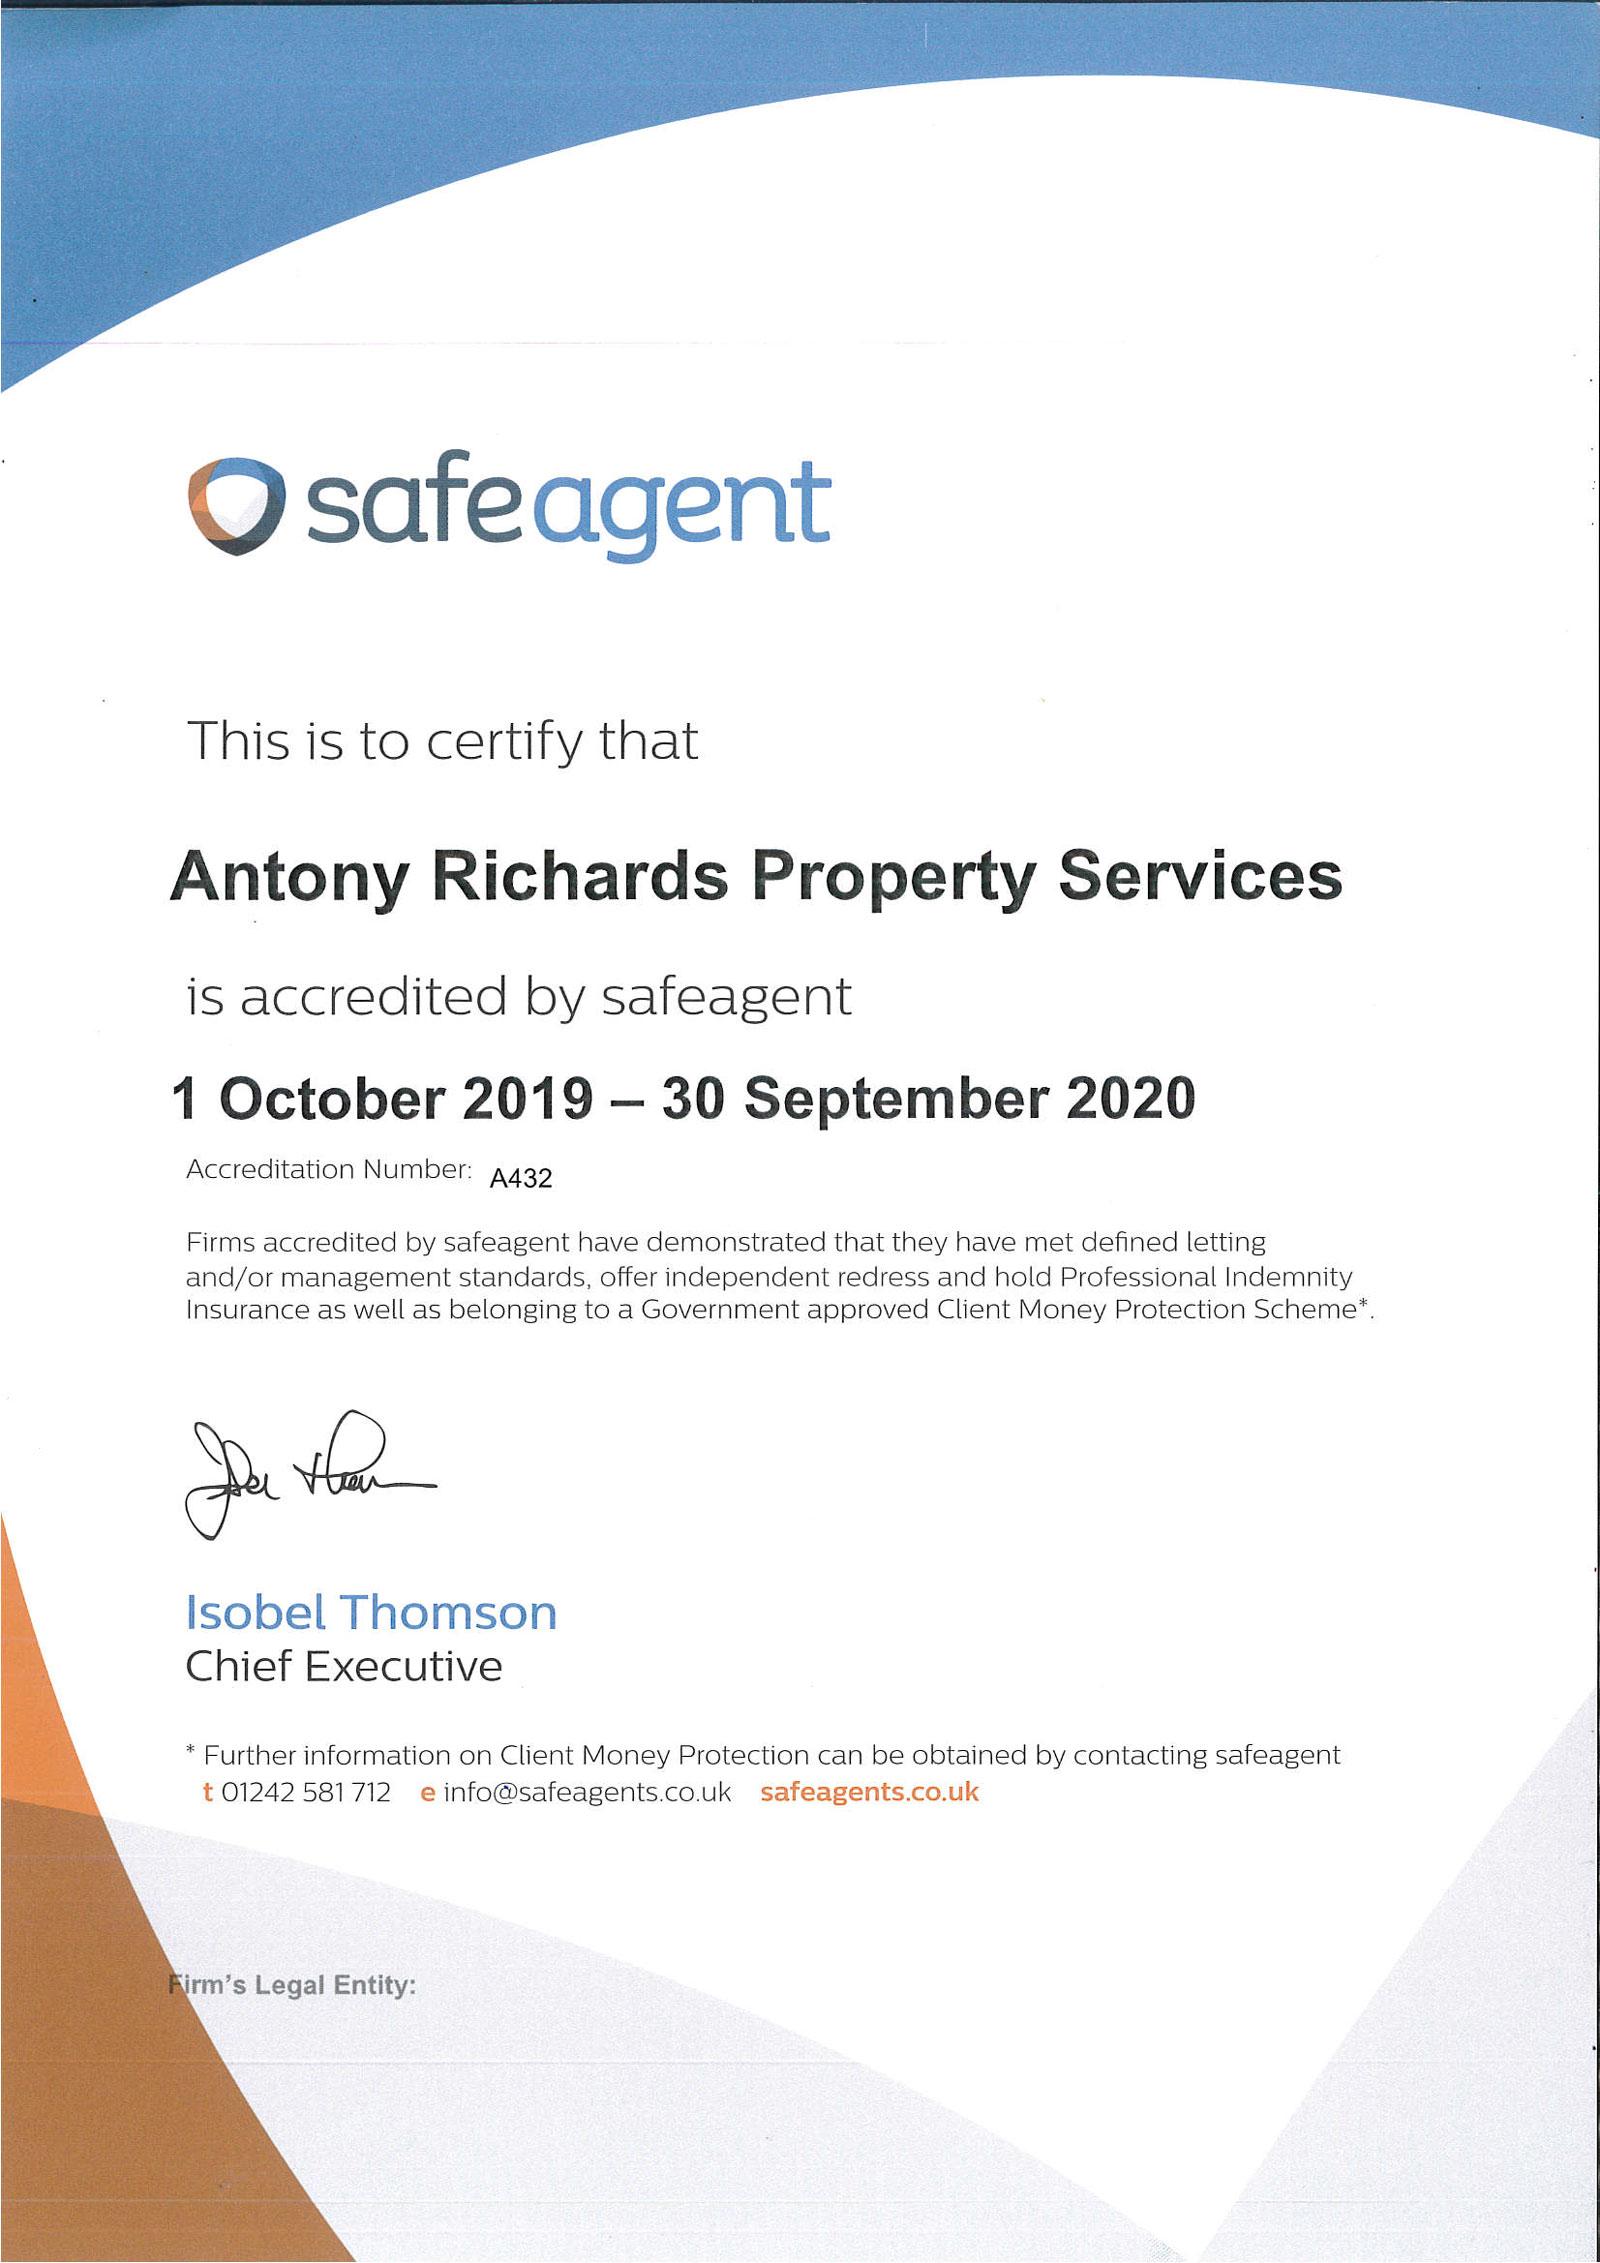 safeagent-Certificate